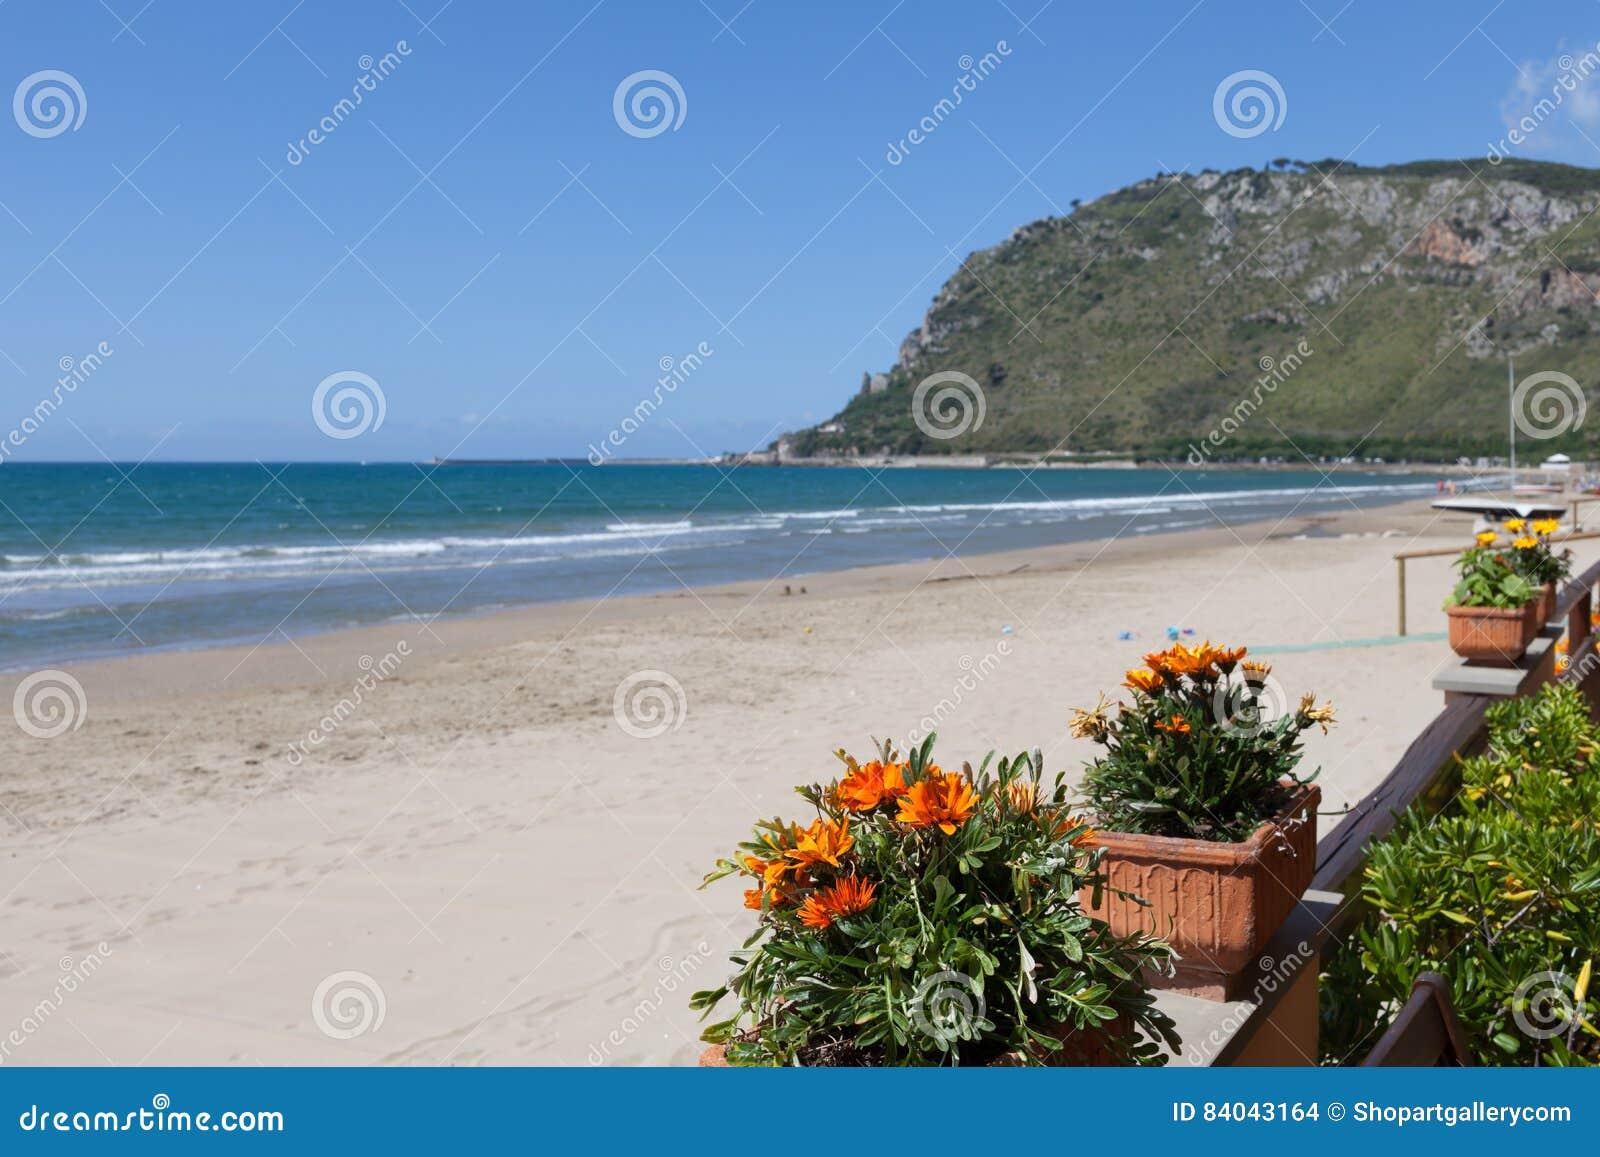 Matrimonio Spiaggia Terracina : Spiaggia lazio italia di terracina fotografia stock